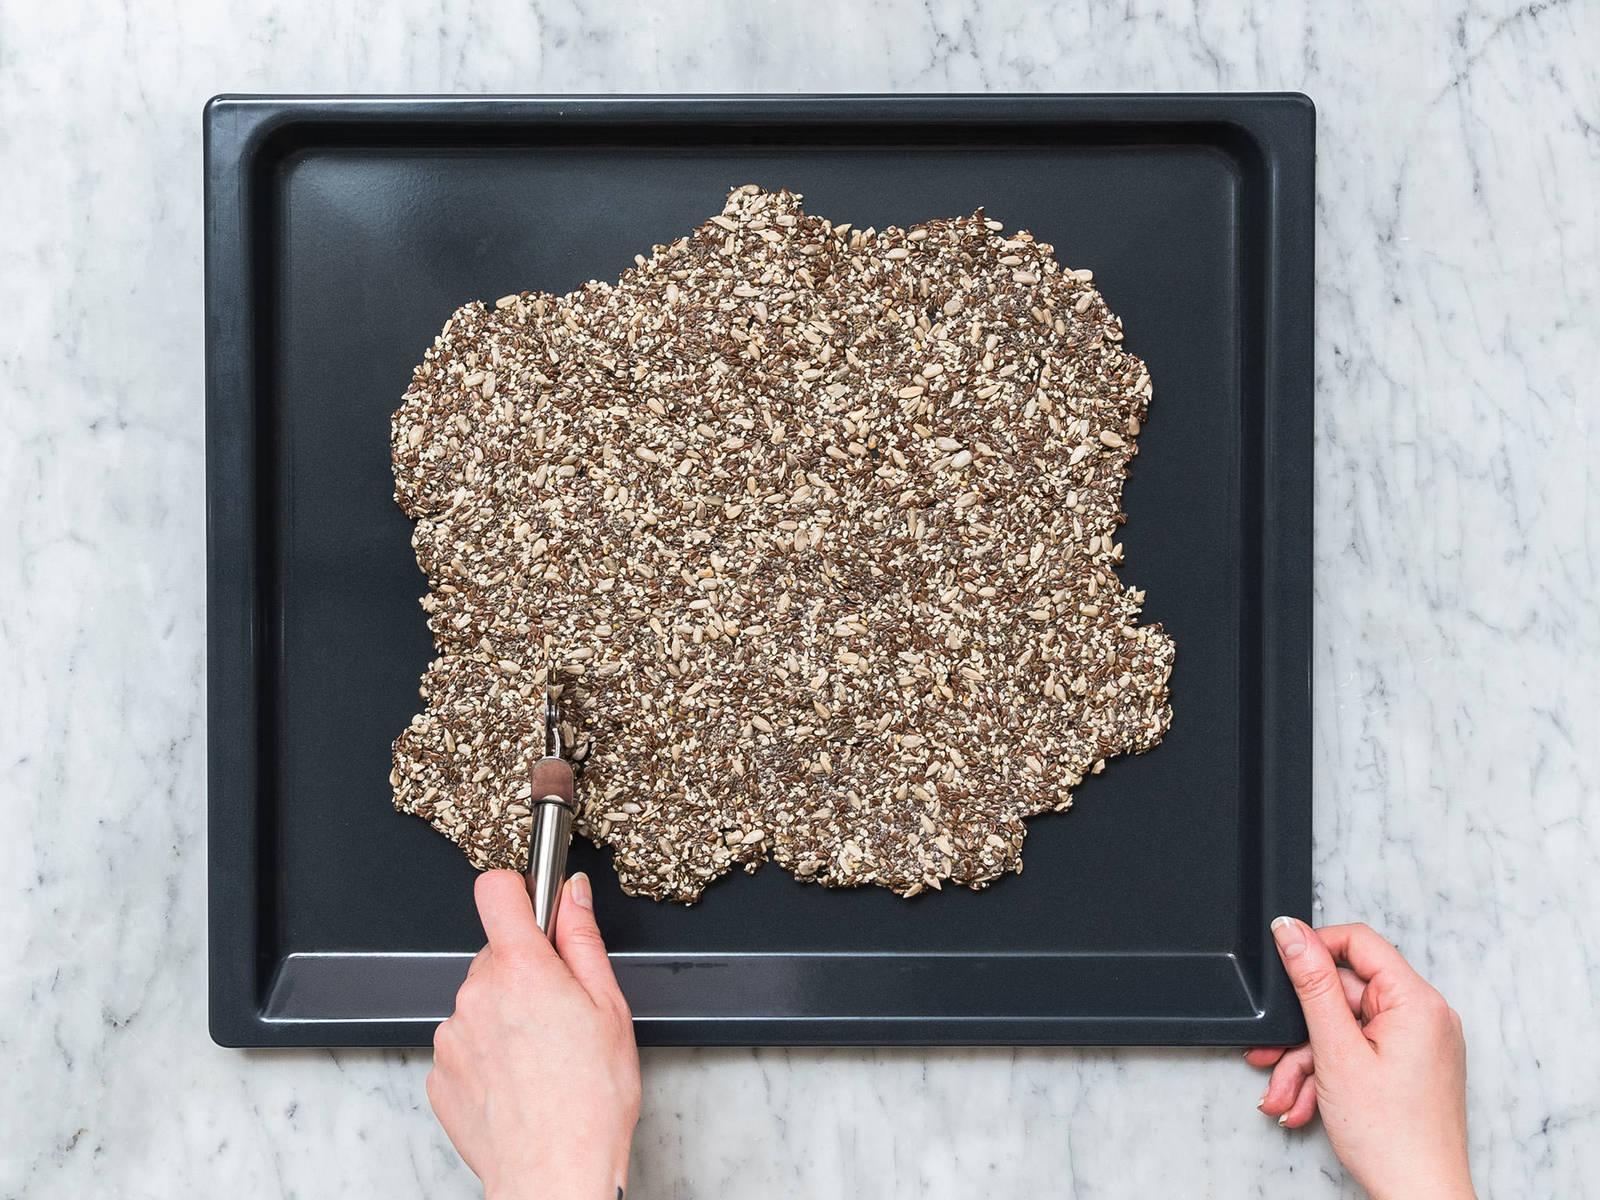 从烤箱中取出,切成大小均匀的小块。将饼干翻面,放回烤箱再烤25分钟,直至饼干边缘变成金棕色。这些脆饼可作为零食单独享用,或蘸取蘸酱、搭配沙拉,祝好胃口!